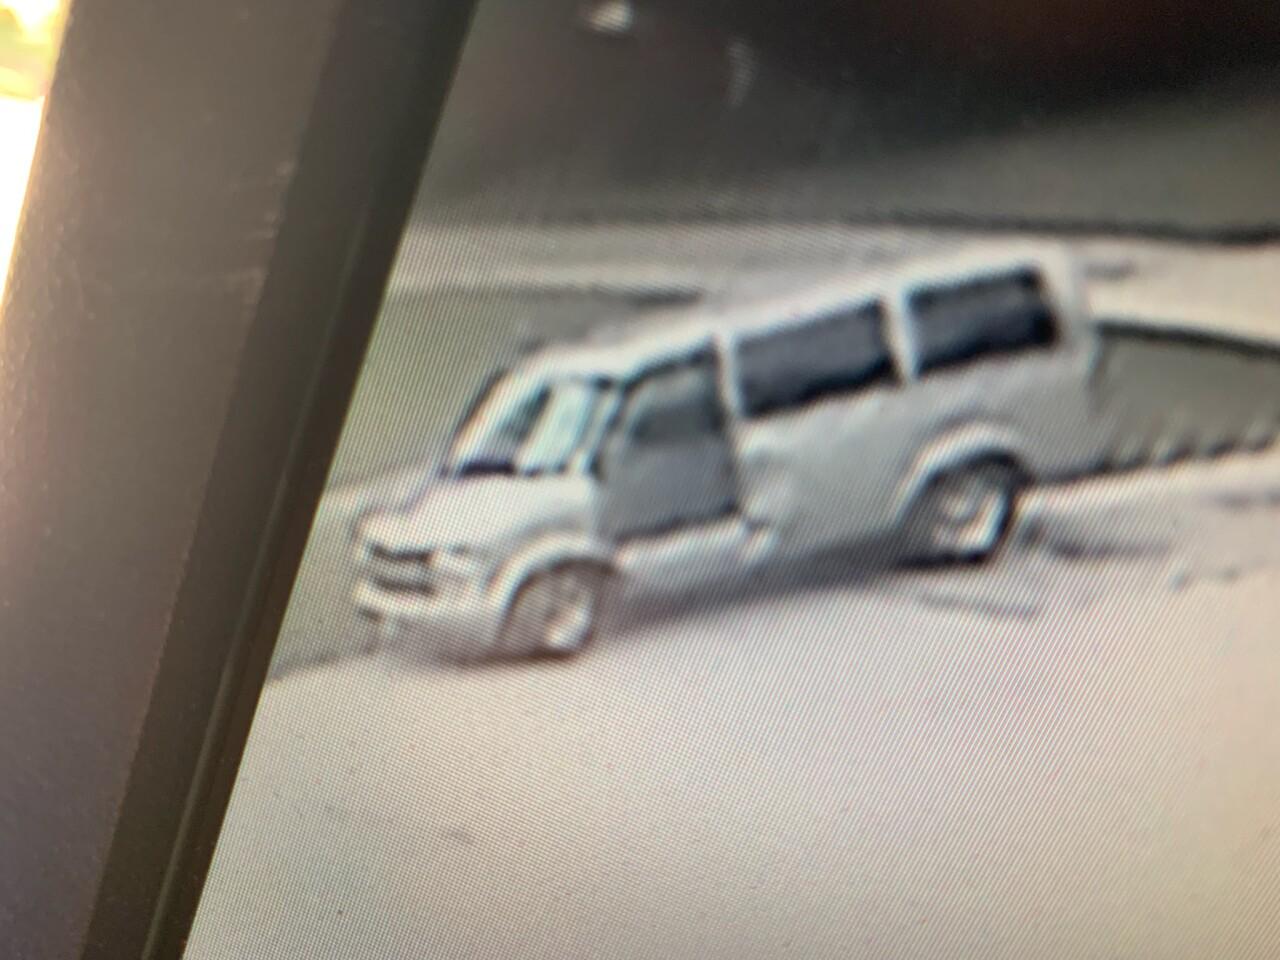 Bank robber's van